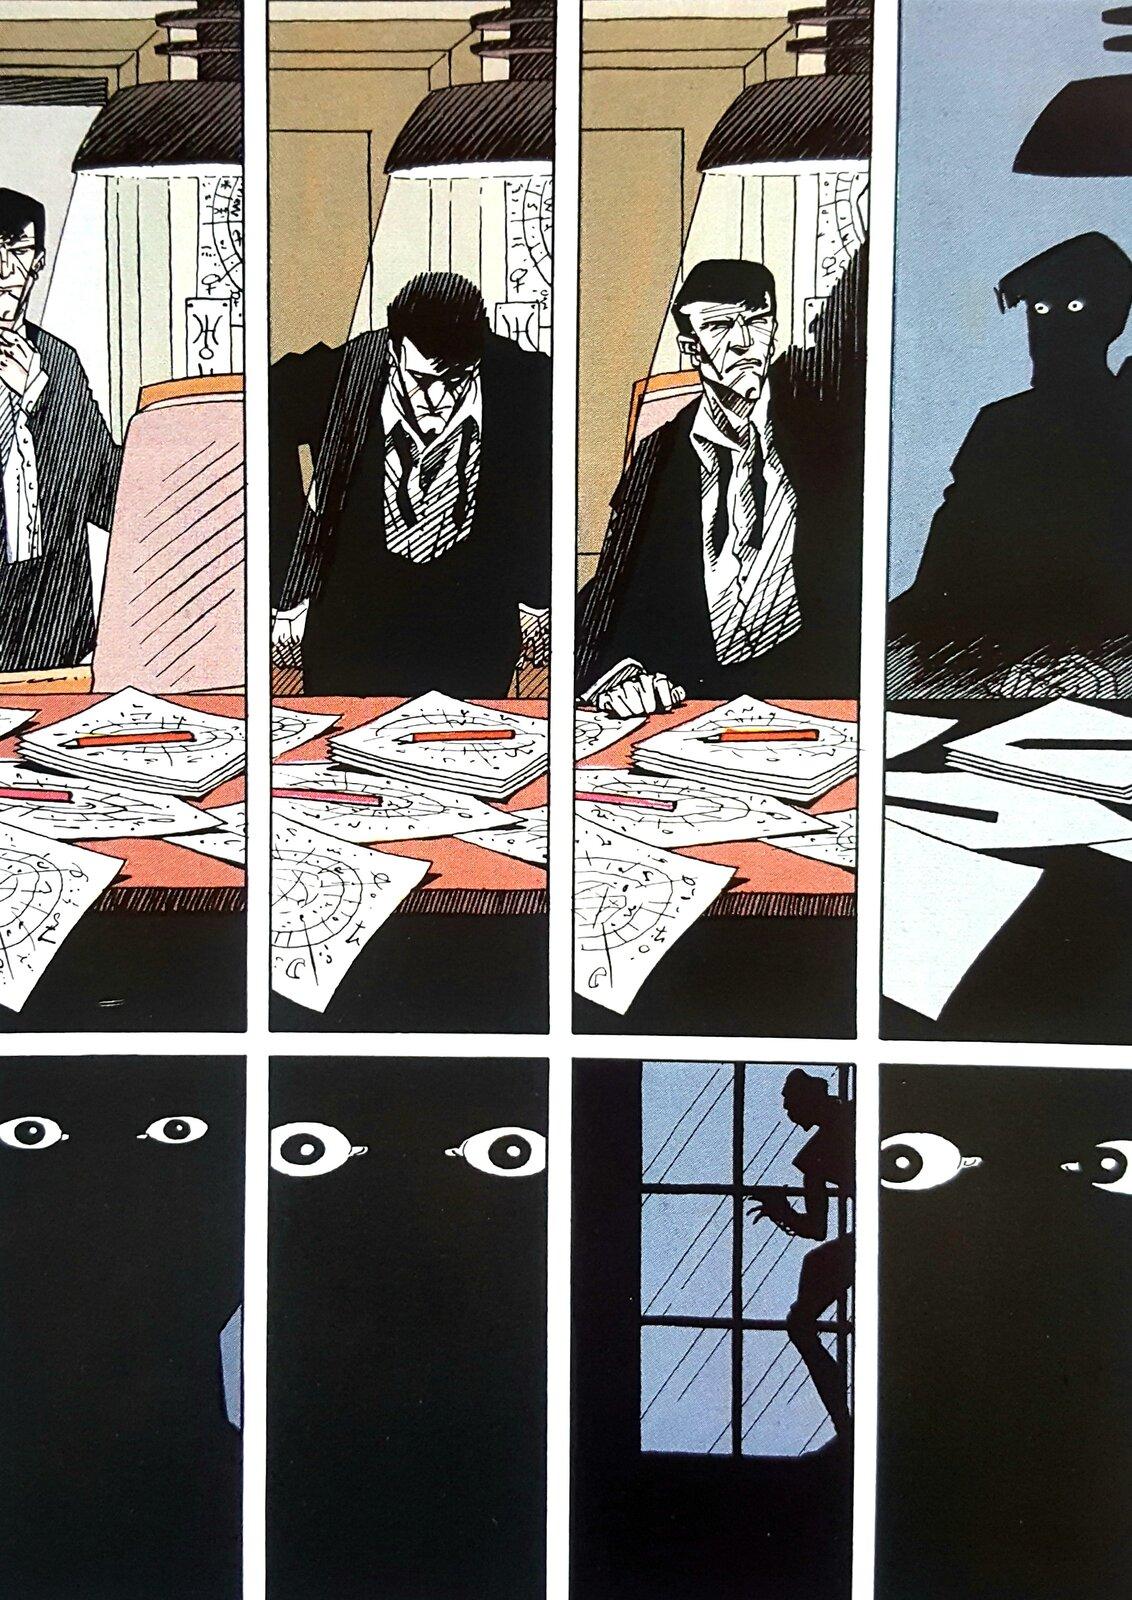 """Ilustracja przedstawia fragment komiksu Andreasa """"Rork. Koziorożec"""". Ilustracja zawiera osiem rysunków. Pierwsze cztery ukazują mężczyznę przy biurku, który najpierw uważnie przygląda się rozrzuconym na stole kartkom, następnie gasi światło. Na kolejnych czterech polach widać ciemności itylko spoglądające oczy. Za oknem skrada się postać."""